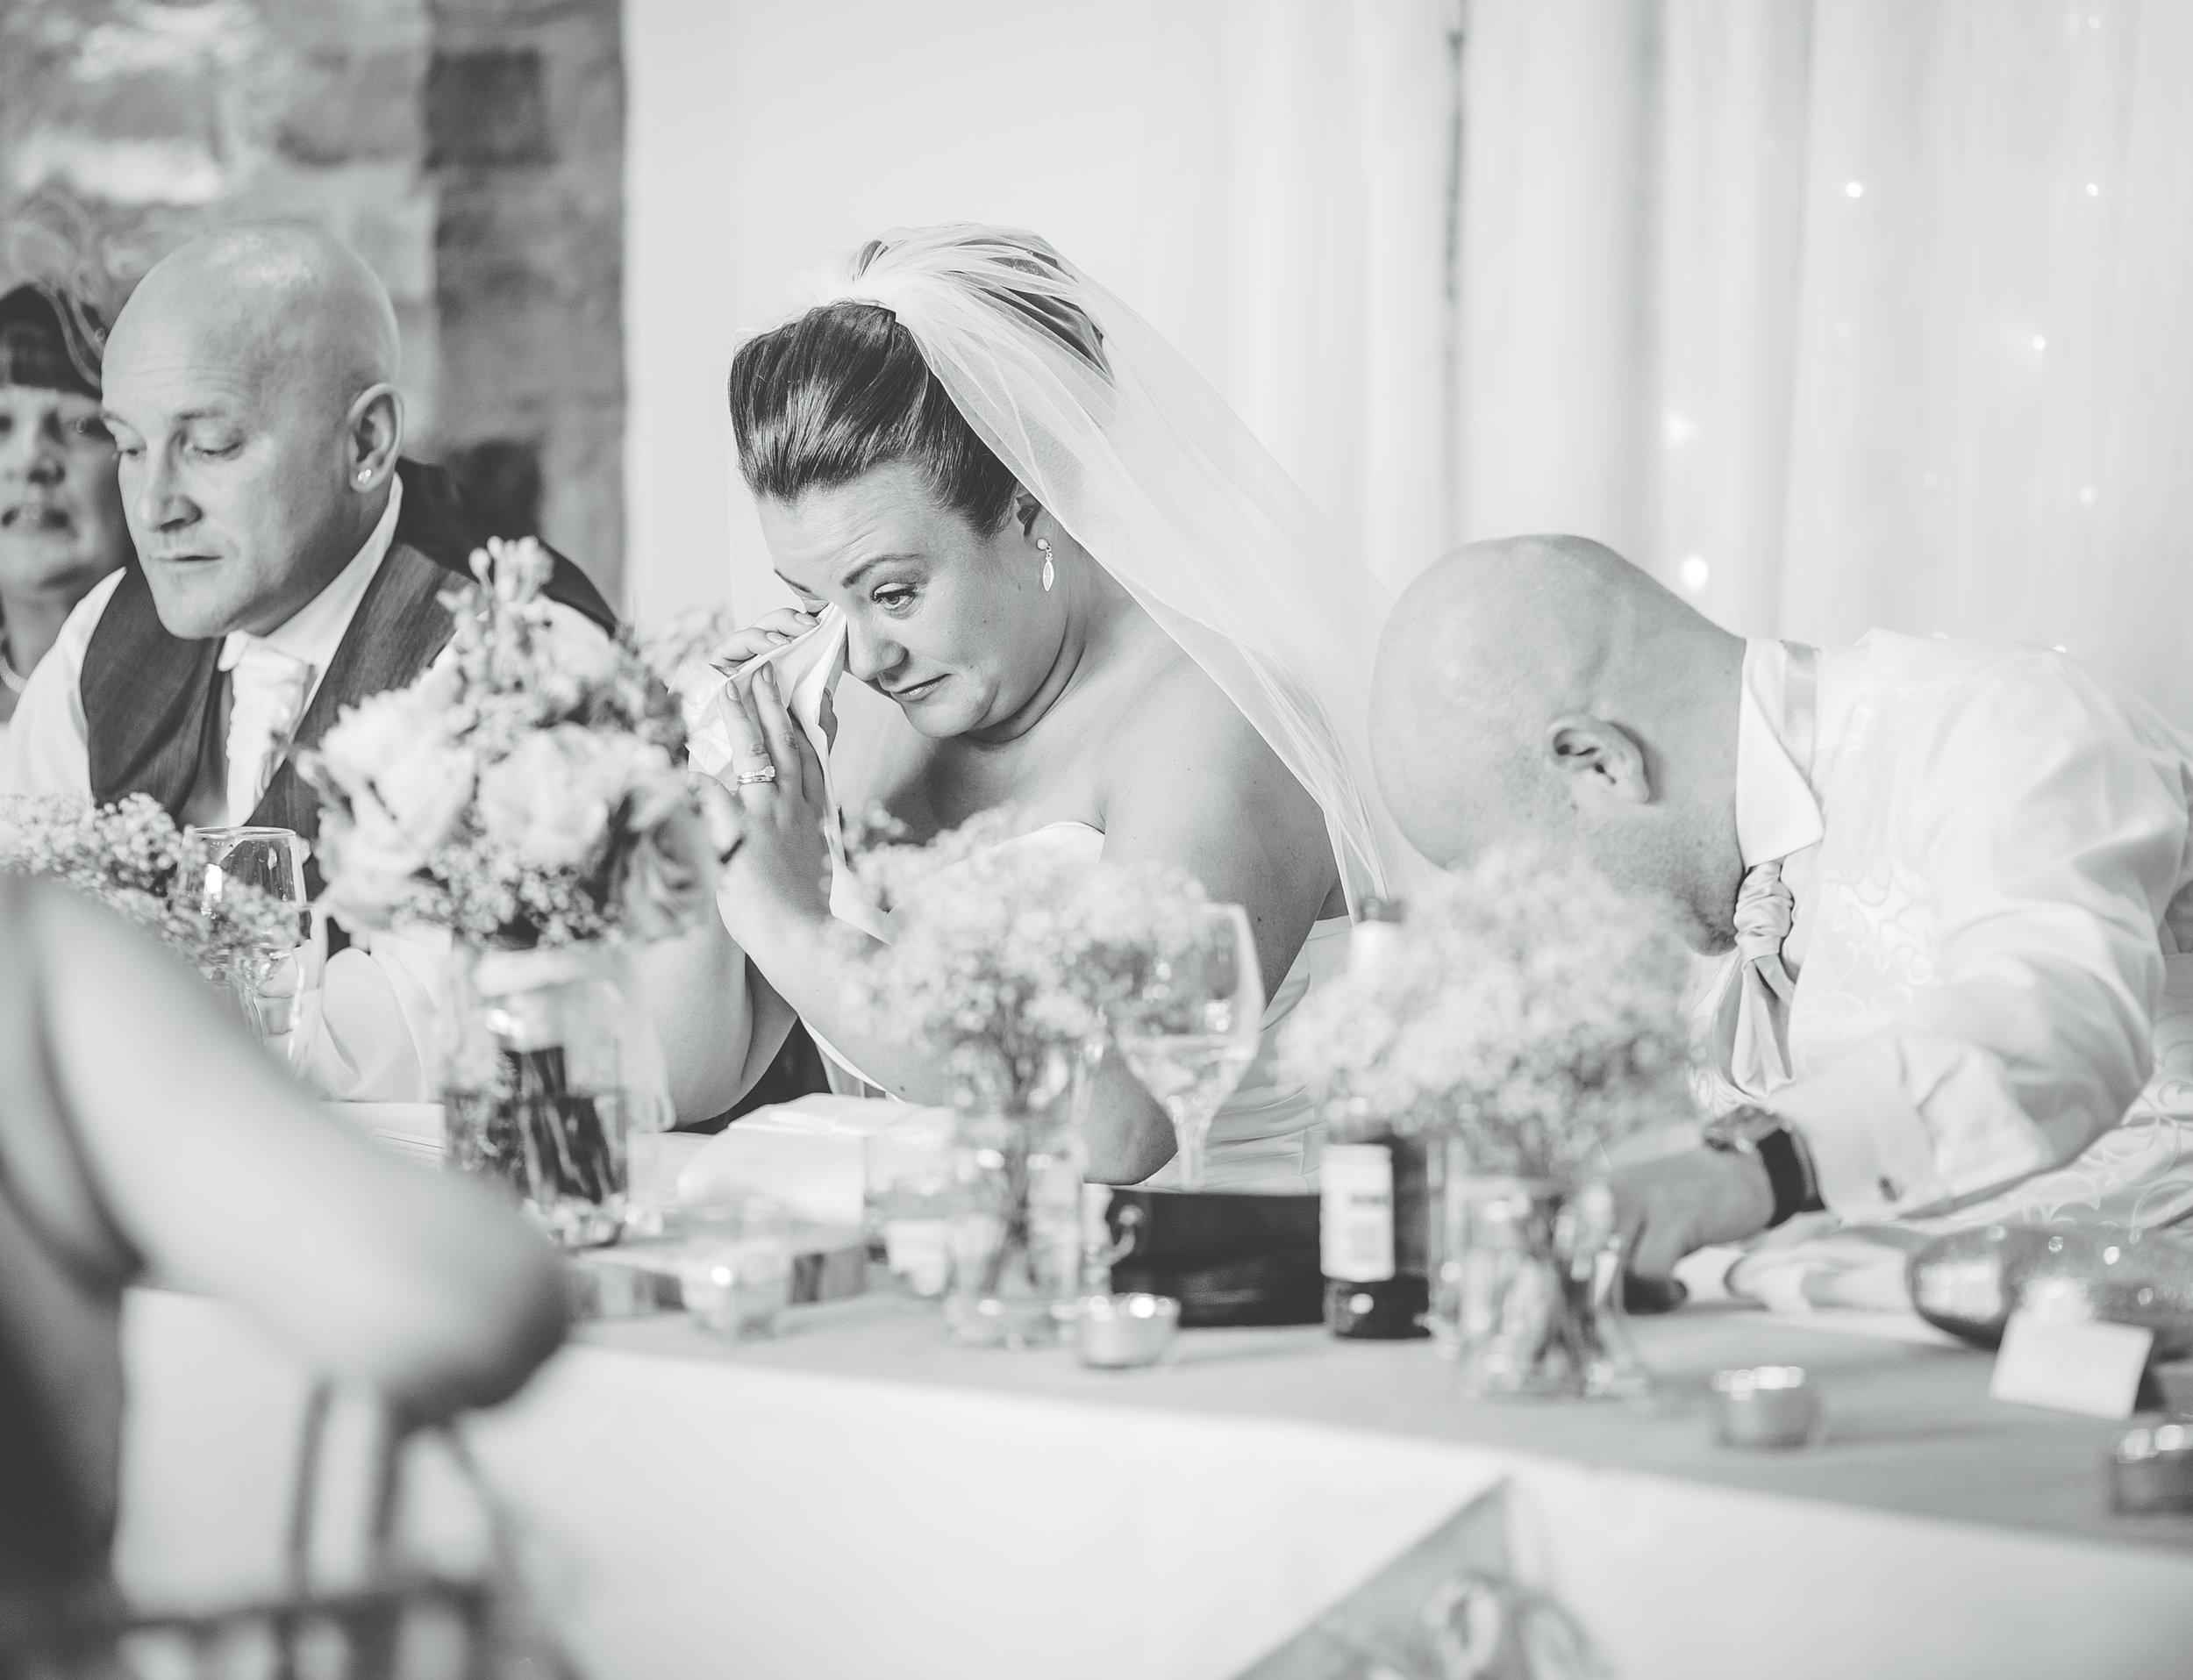 documentary wedding images Lancashire - emotional speeches